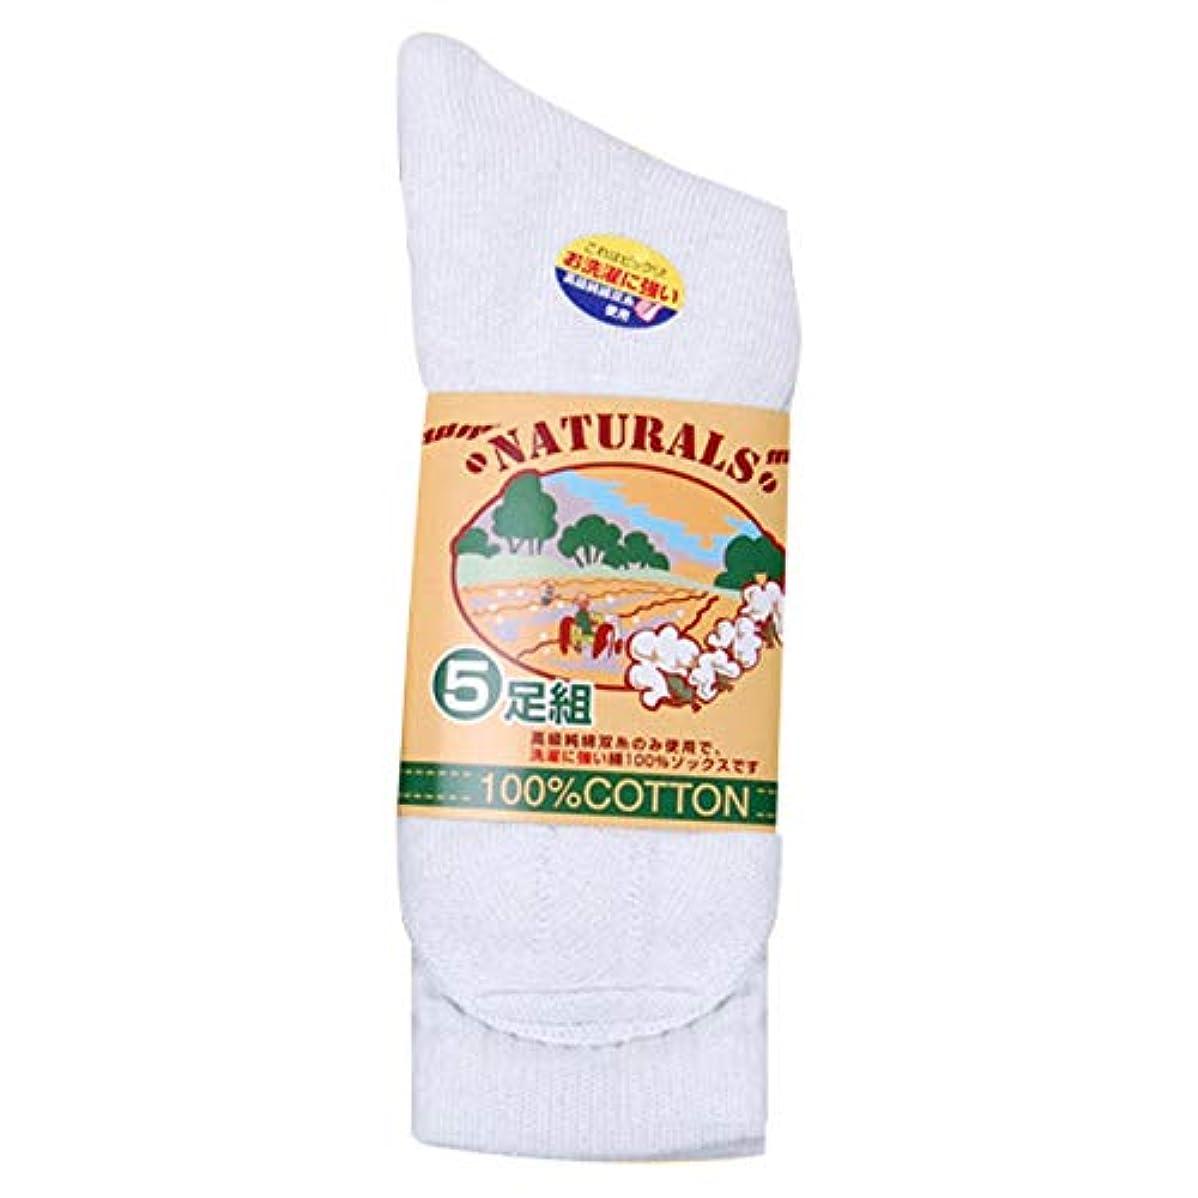 一口ゲスト食物NATURALS 綿100% 洗濯に強い先丸軍足 5足組 naturals01